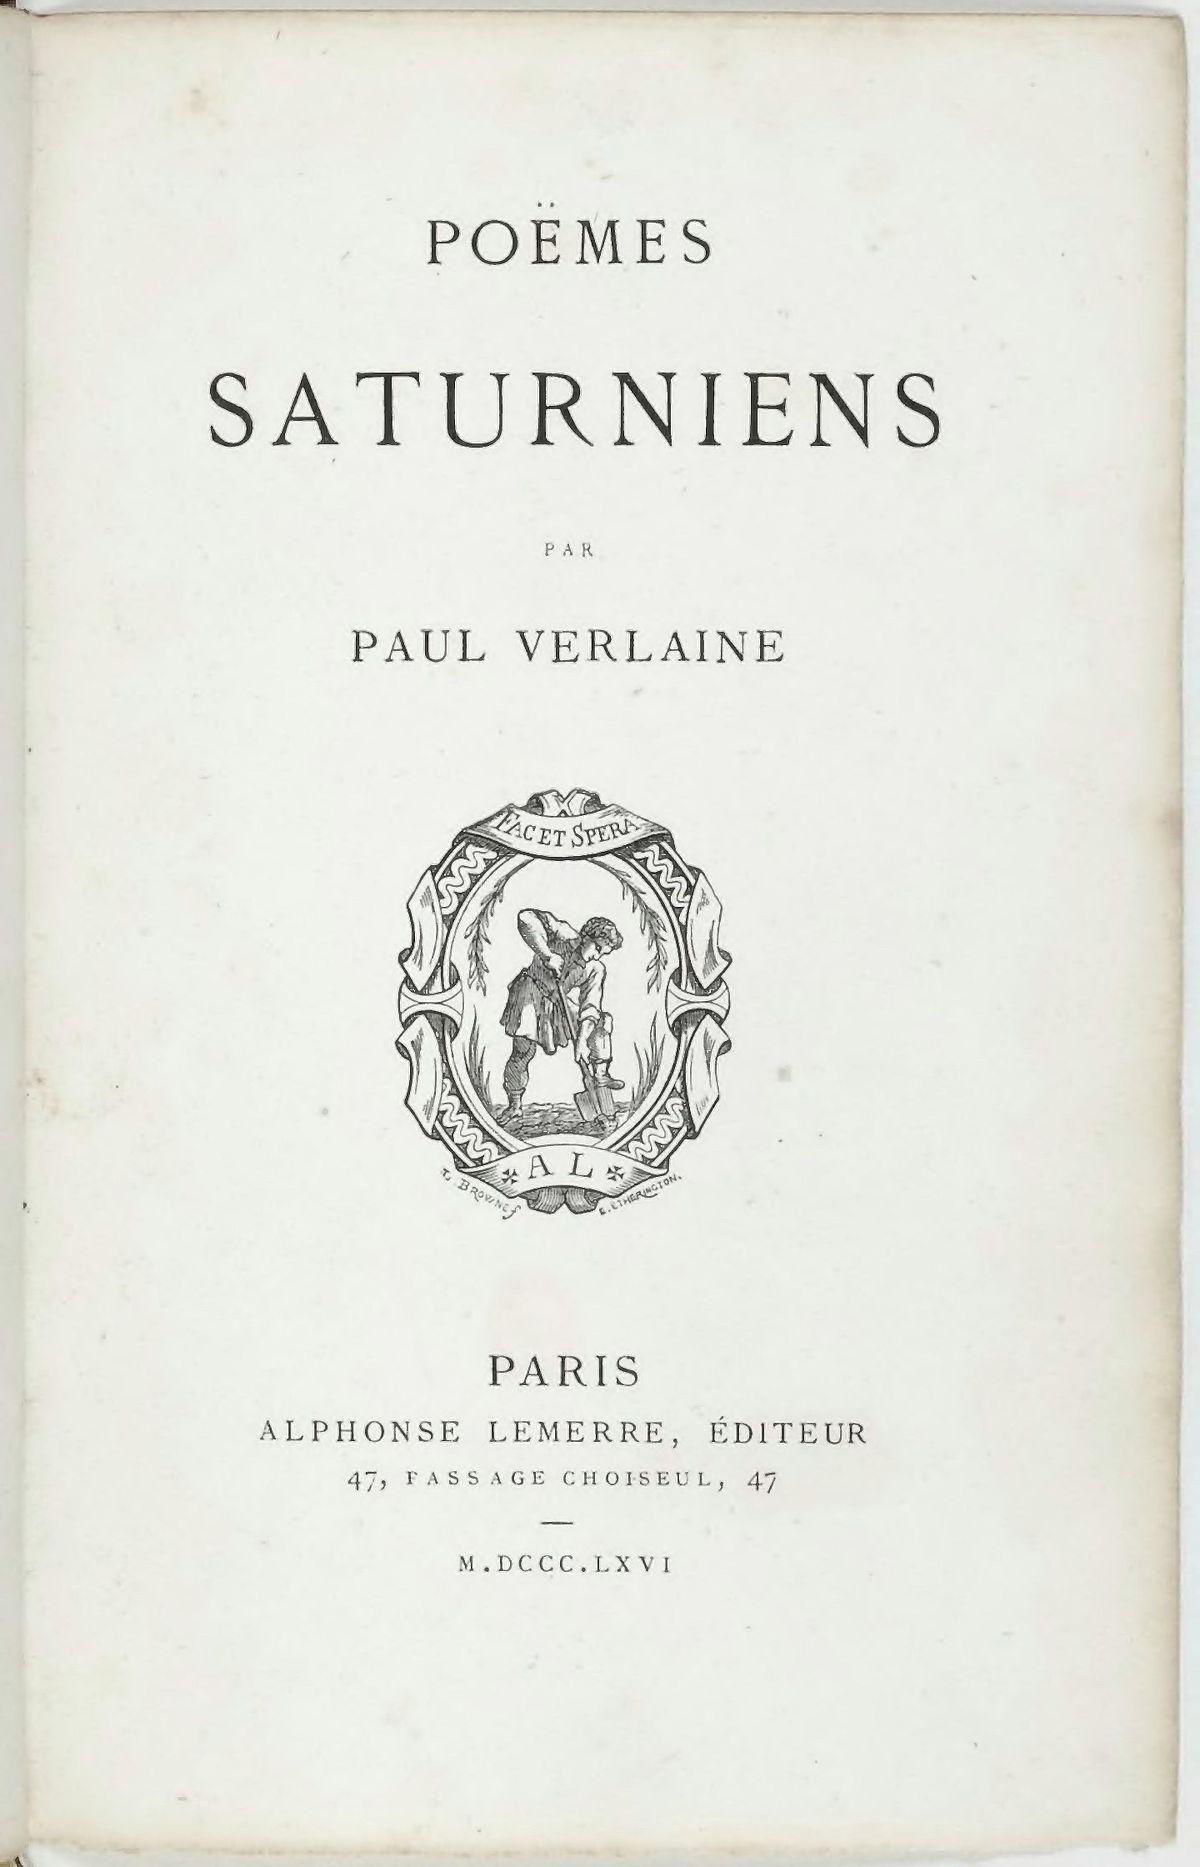 poeme saturniens